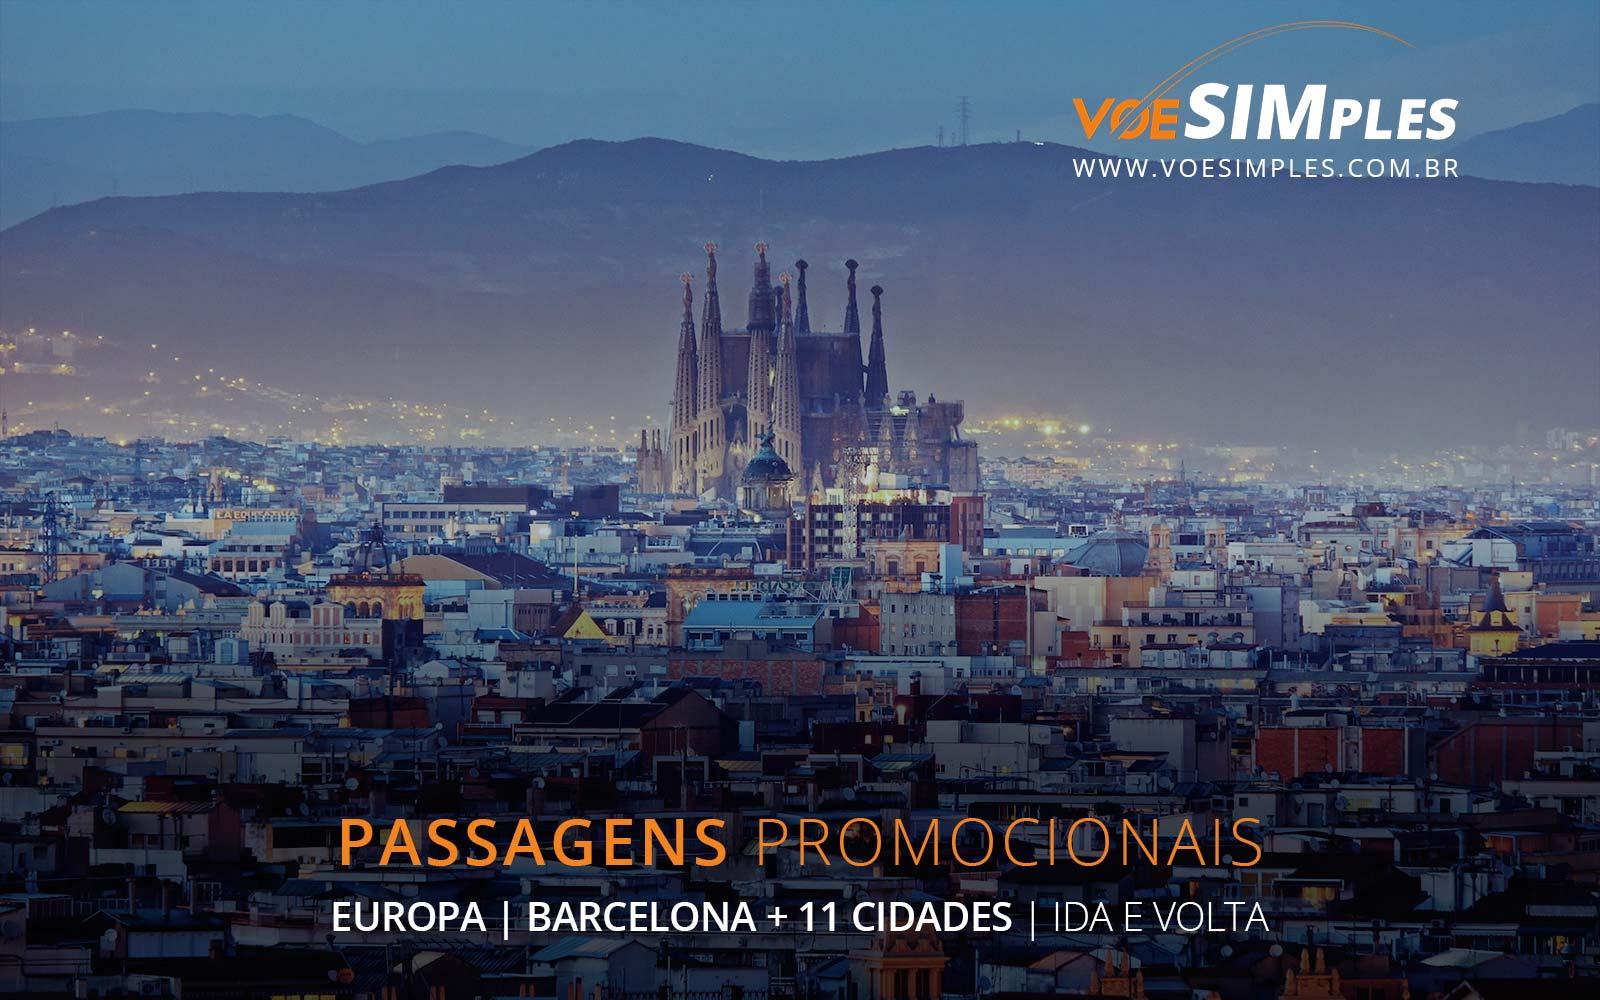 Passagens aéreas promocionais para Barcelona, Paris, Londres, Roma e Amsterdam na Europa